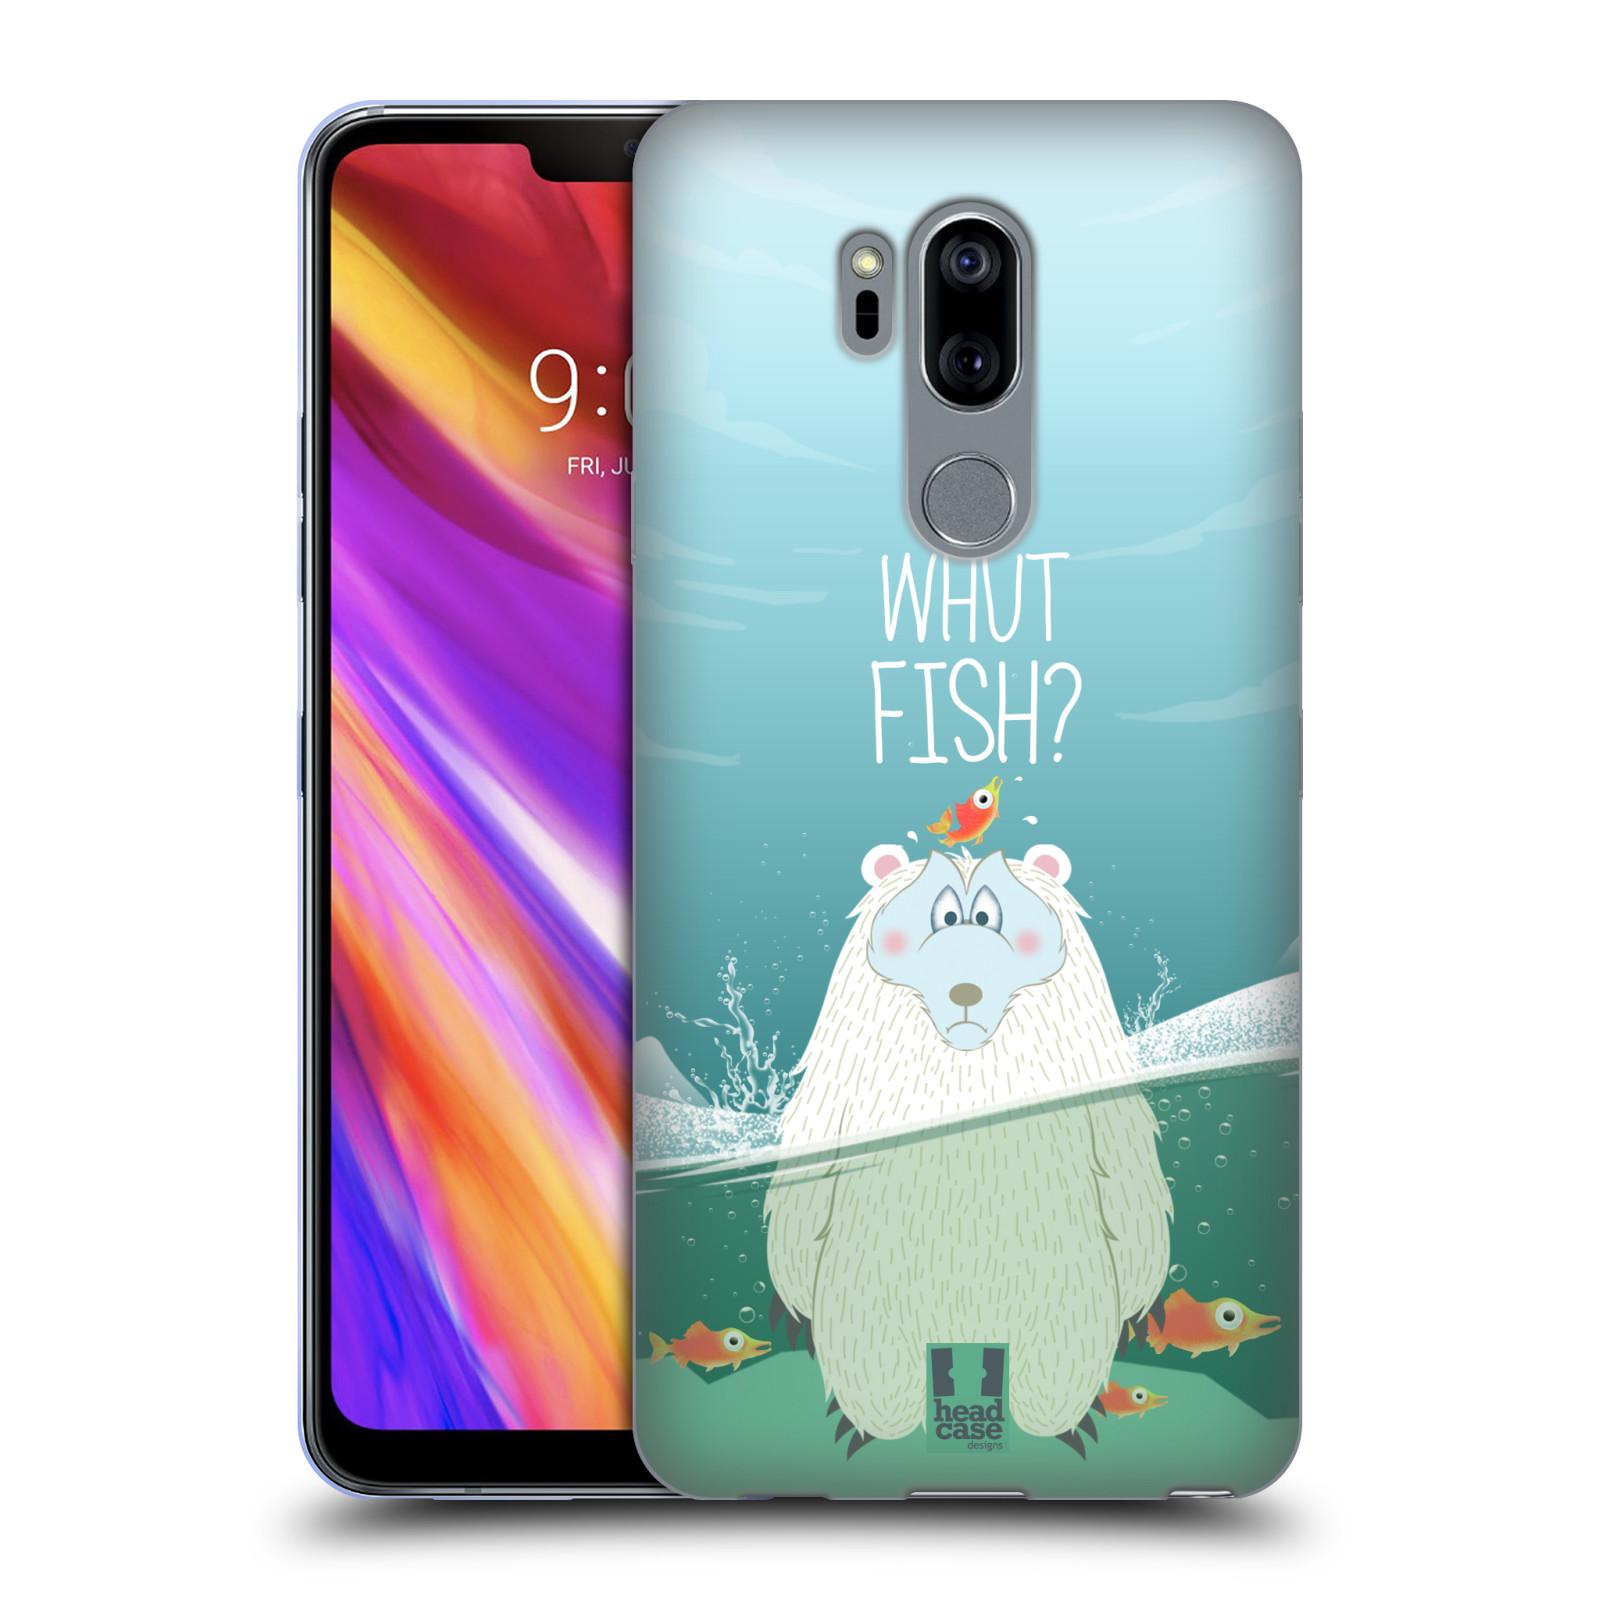 Silikonové pouzdro na mobil LG G7 ThinQ - Head Case - Medvěd Whut Fish?